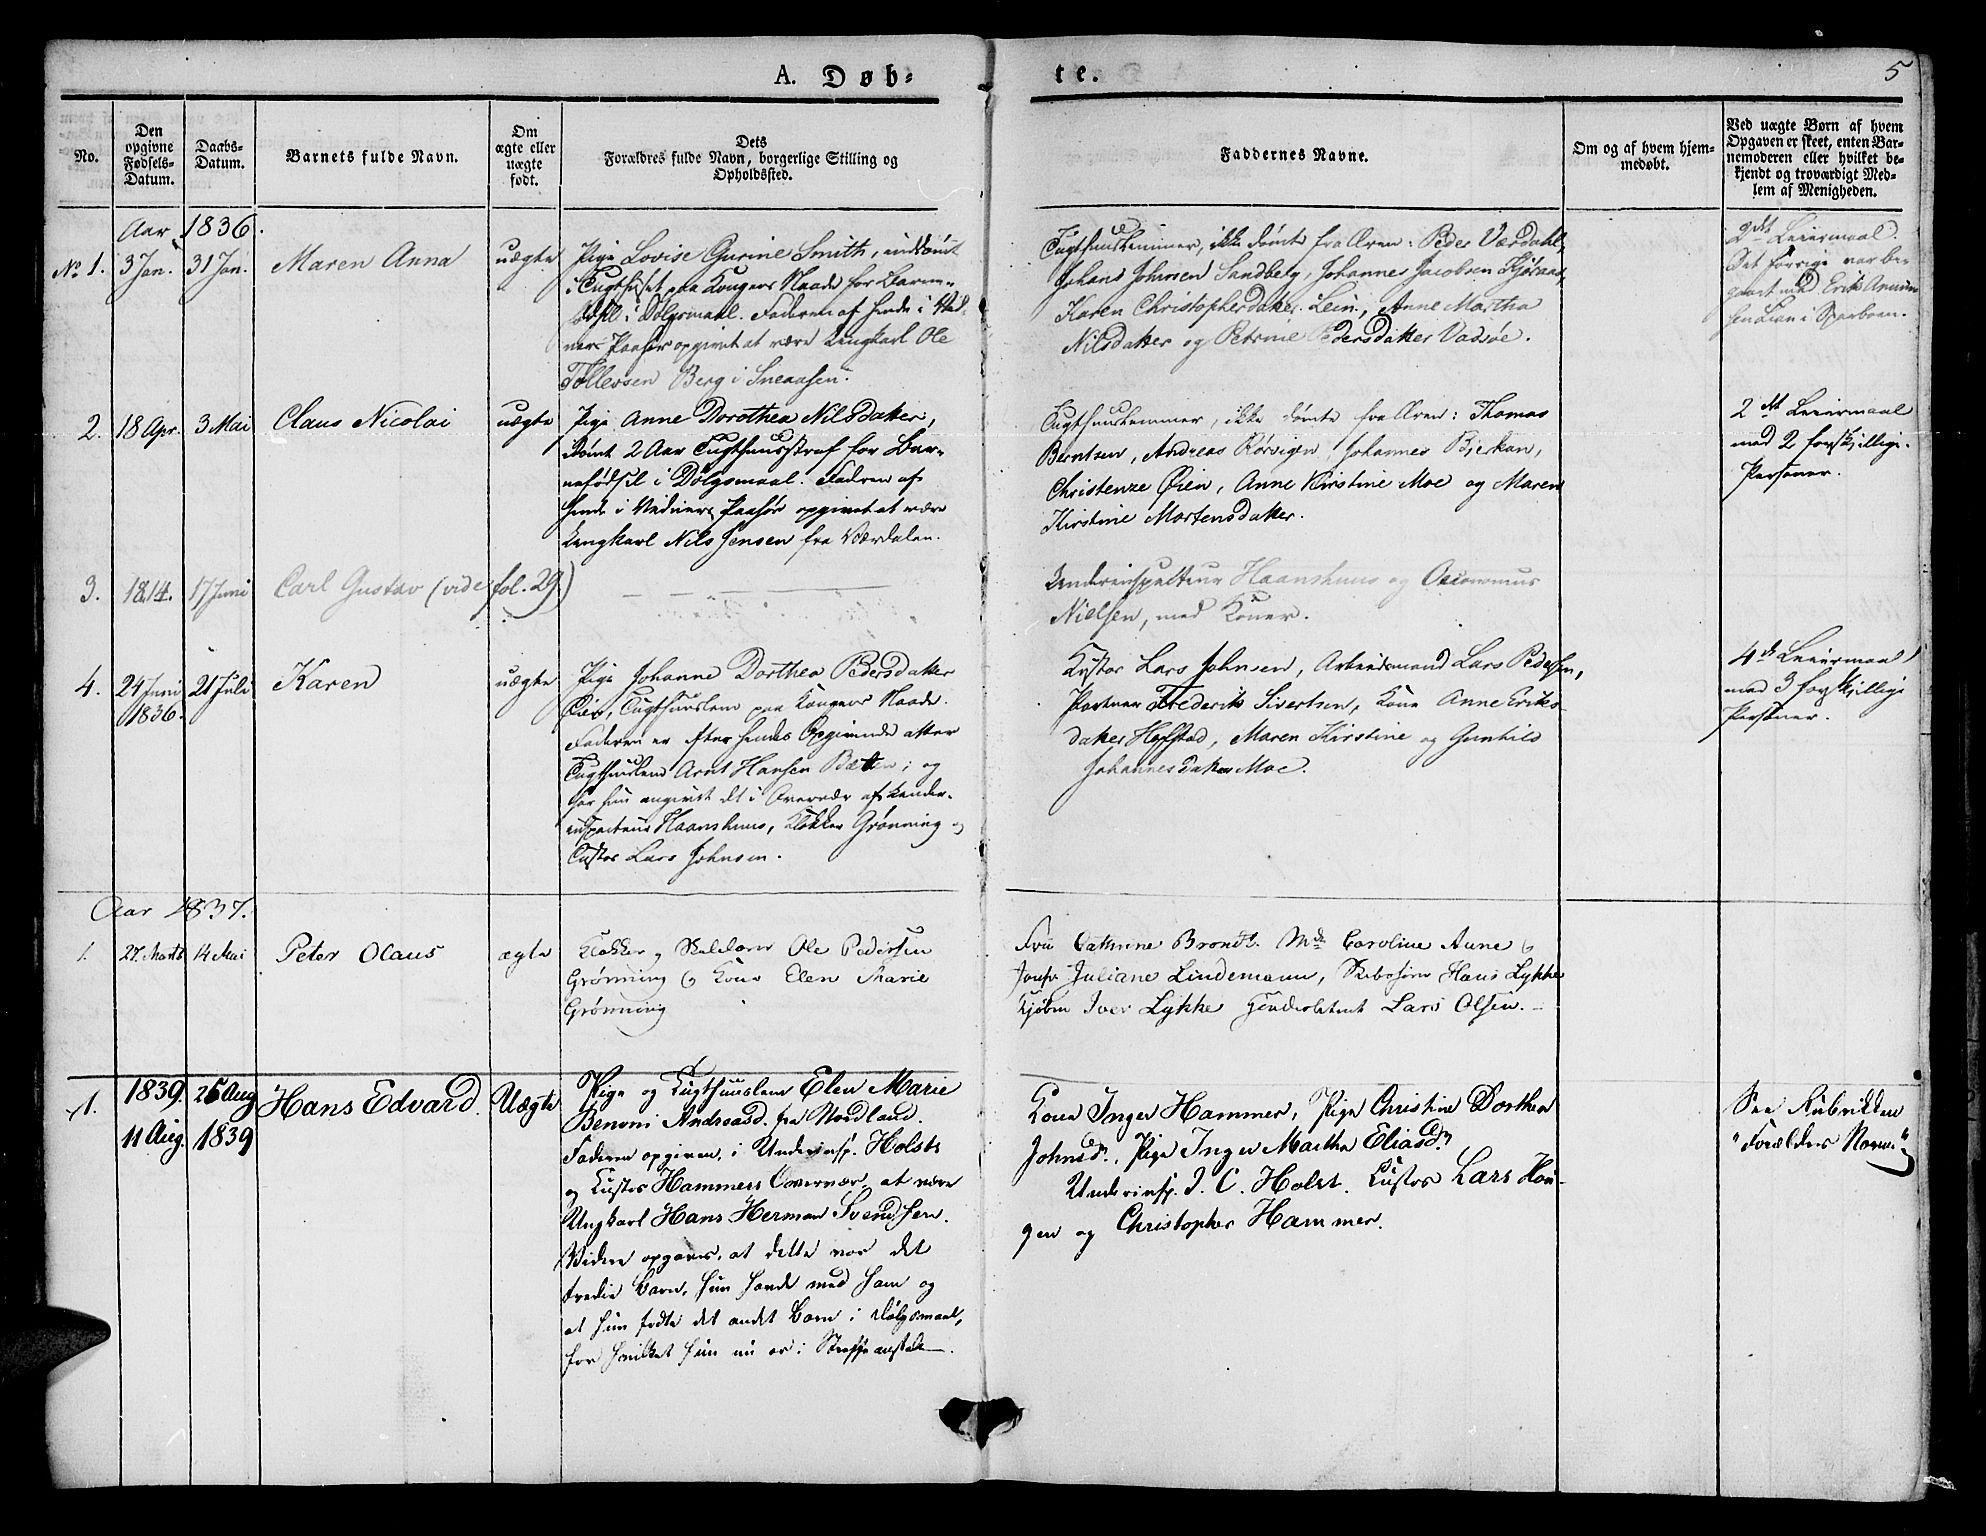 SAT, Ministerialprotokoller, klokkerbøker og fødselsregistre - Sør-Trøndelag, 623/L0468: Ministerialbok nr. 623A02, 1826-1867, s. 5